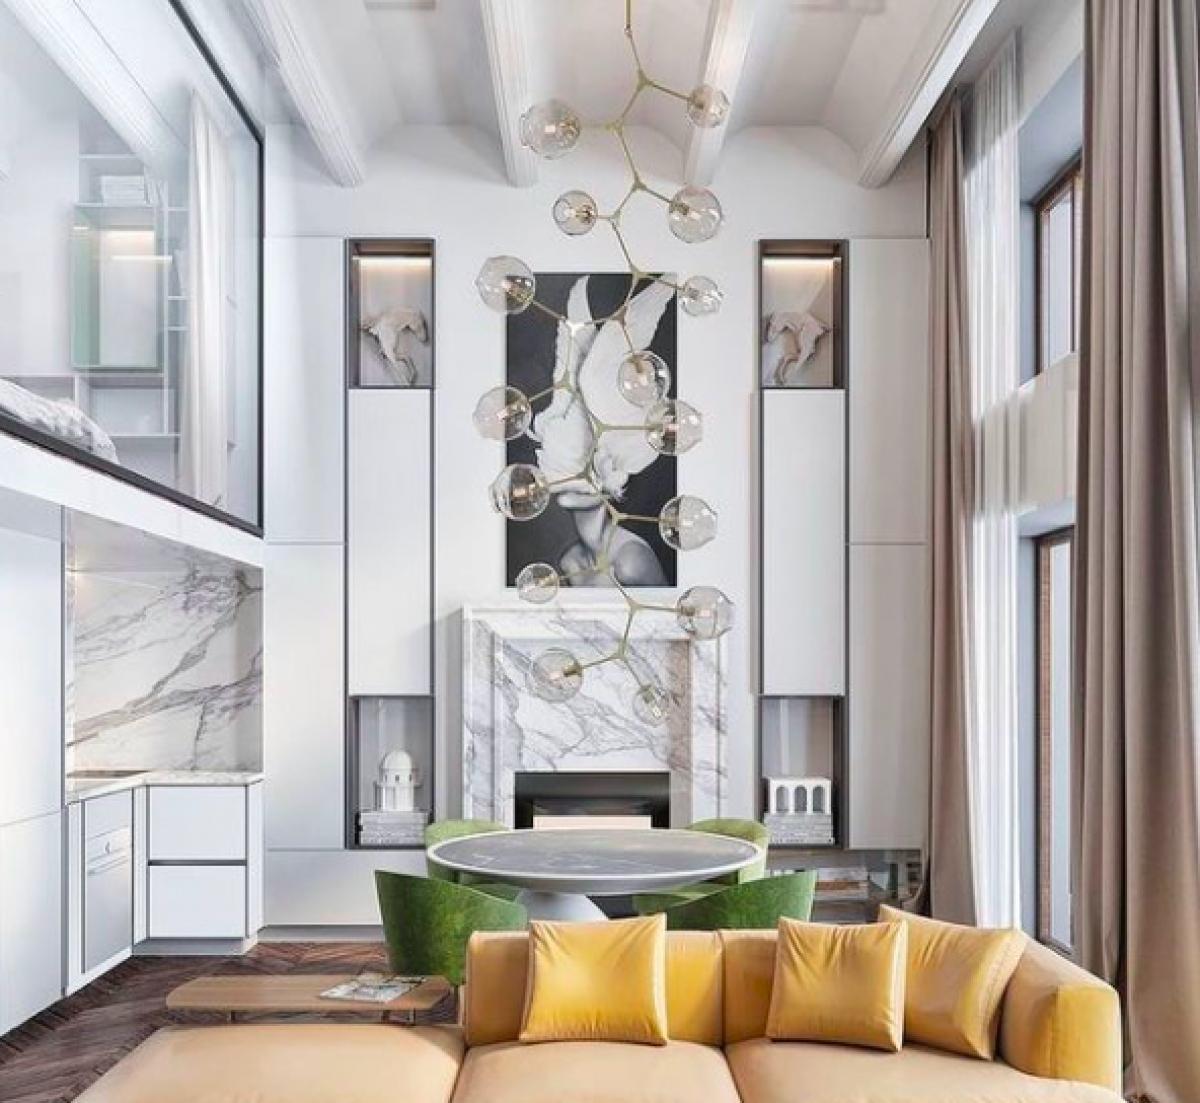 Bộ màu chủ đạo của năm là xám và vàng được áp dụng trong nhiều thiết kế nội thất.